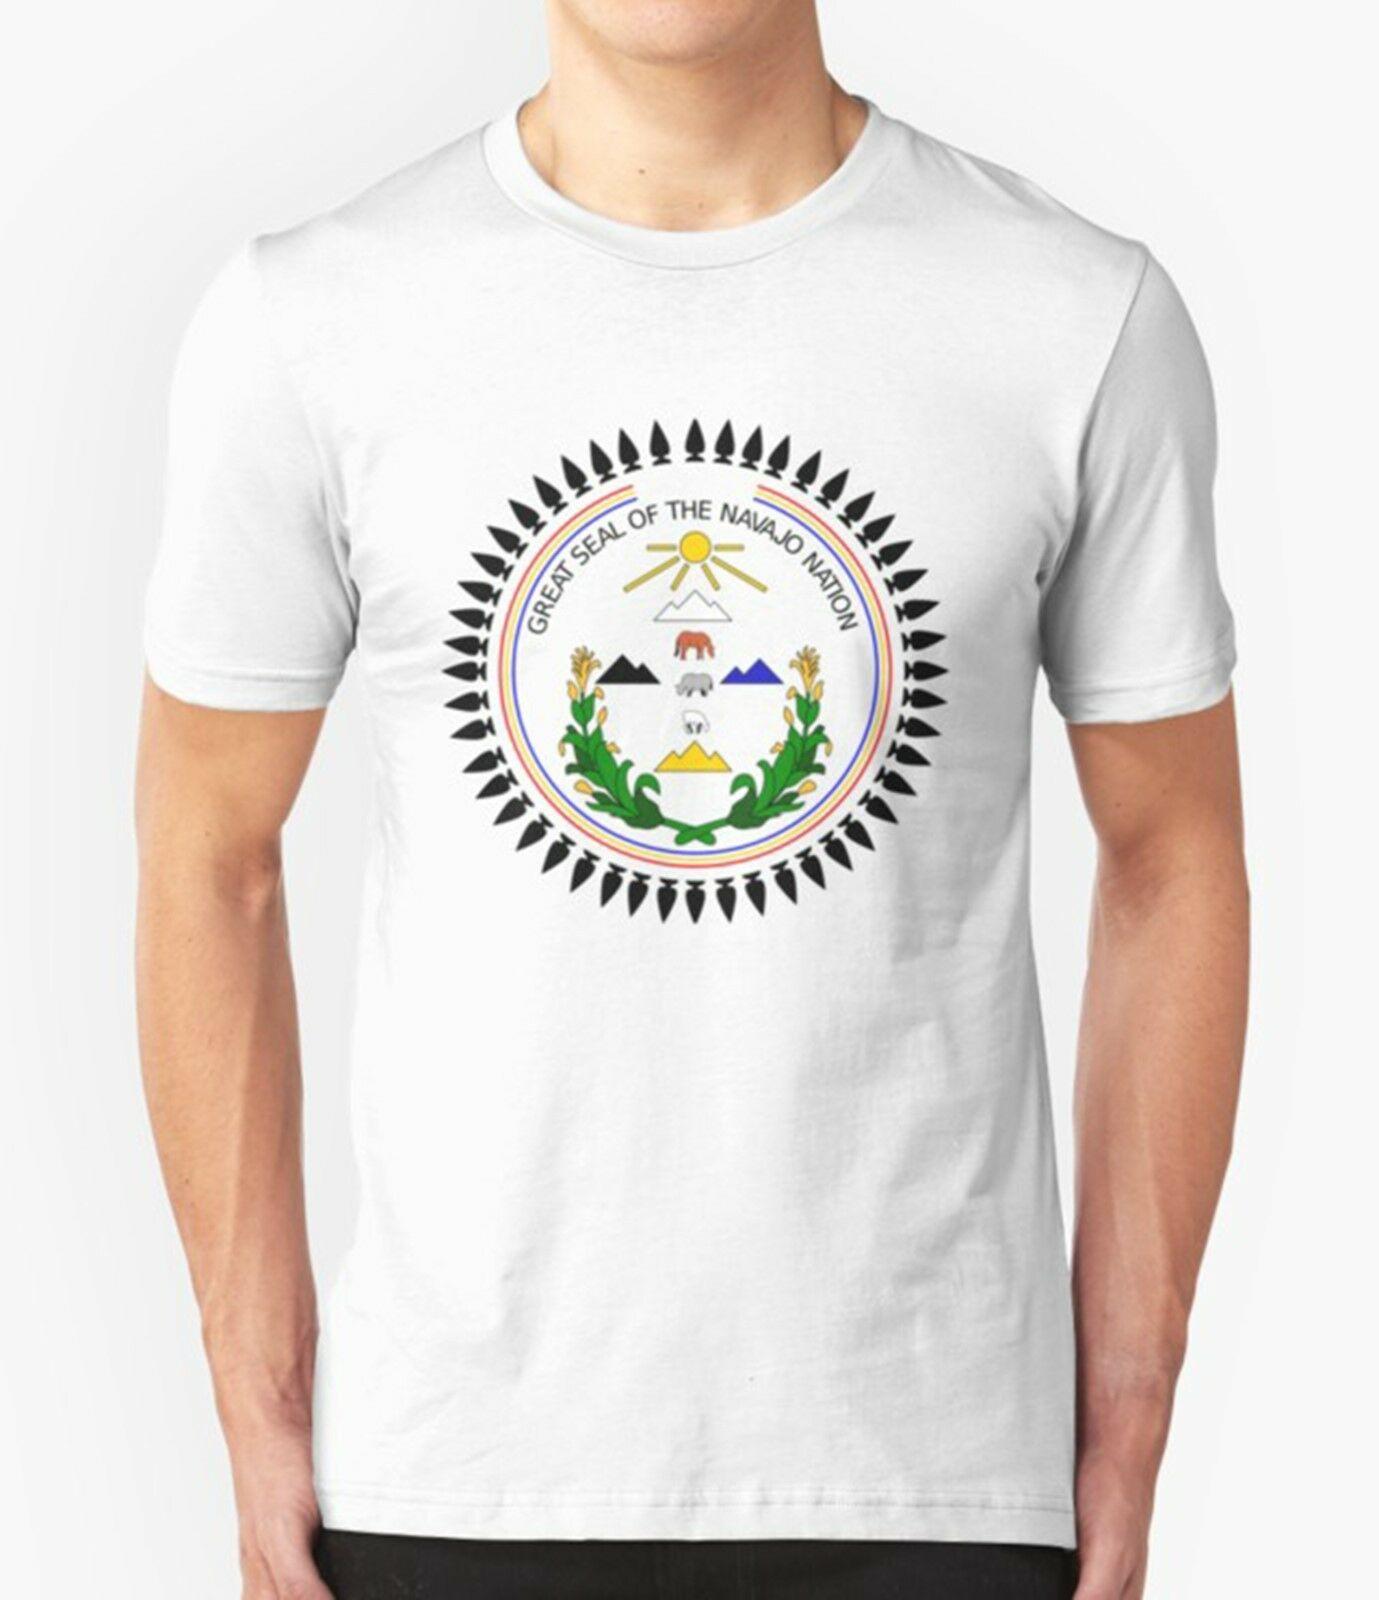 NAVAJO NATION T SHIRT MOVEMENT